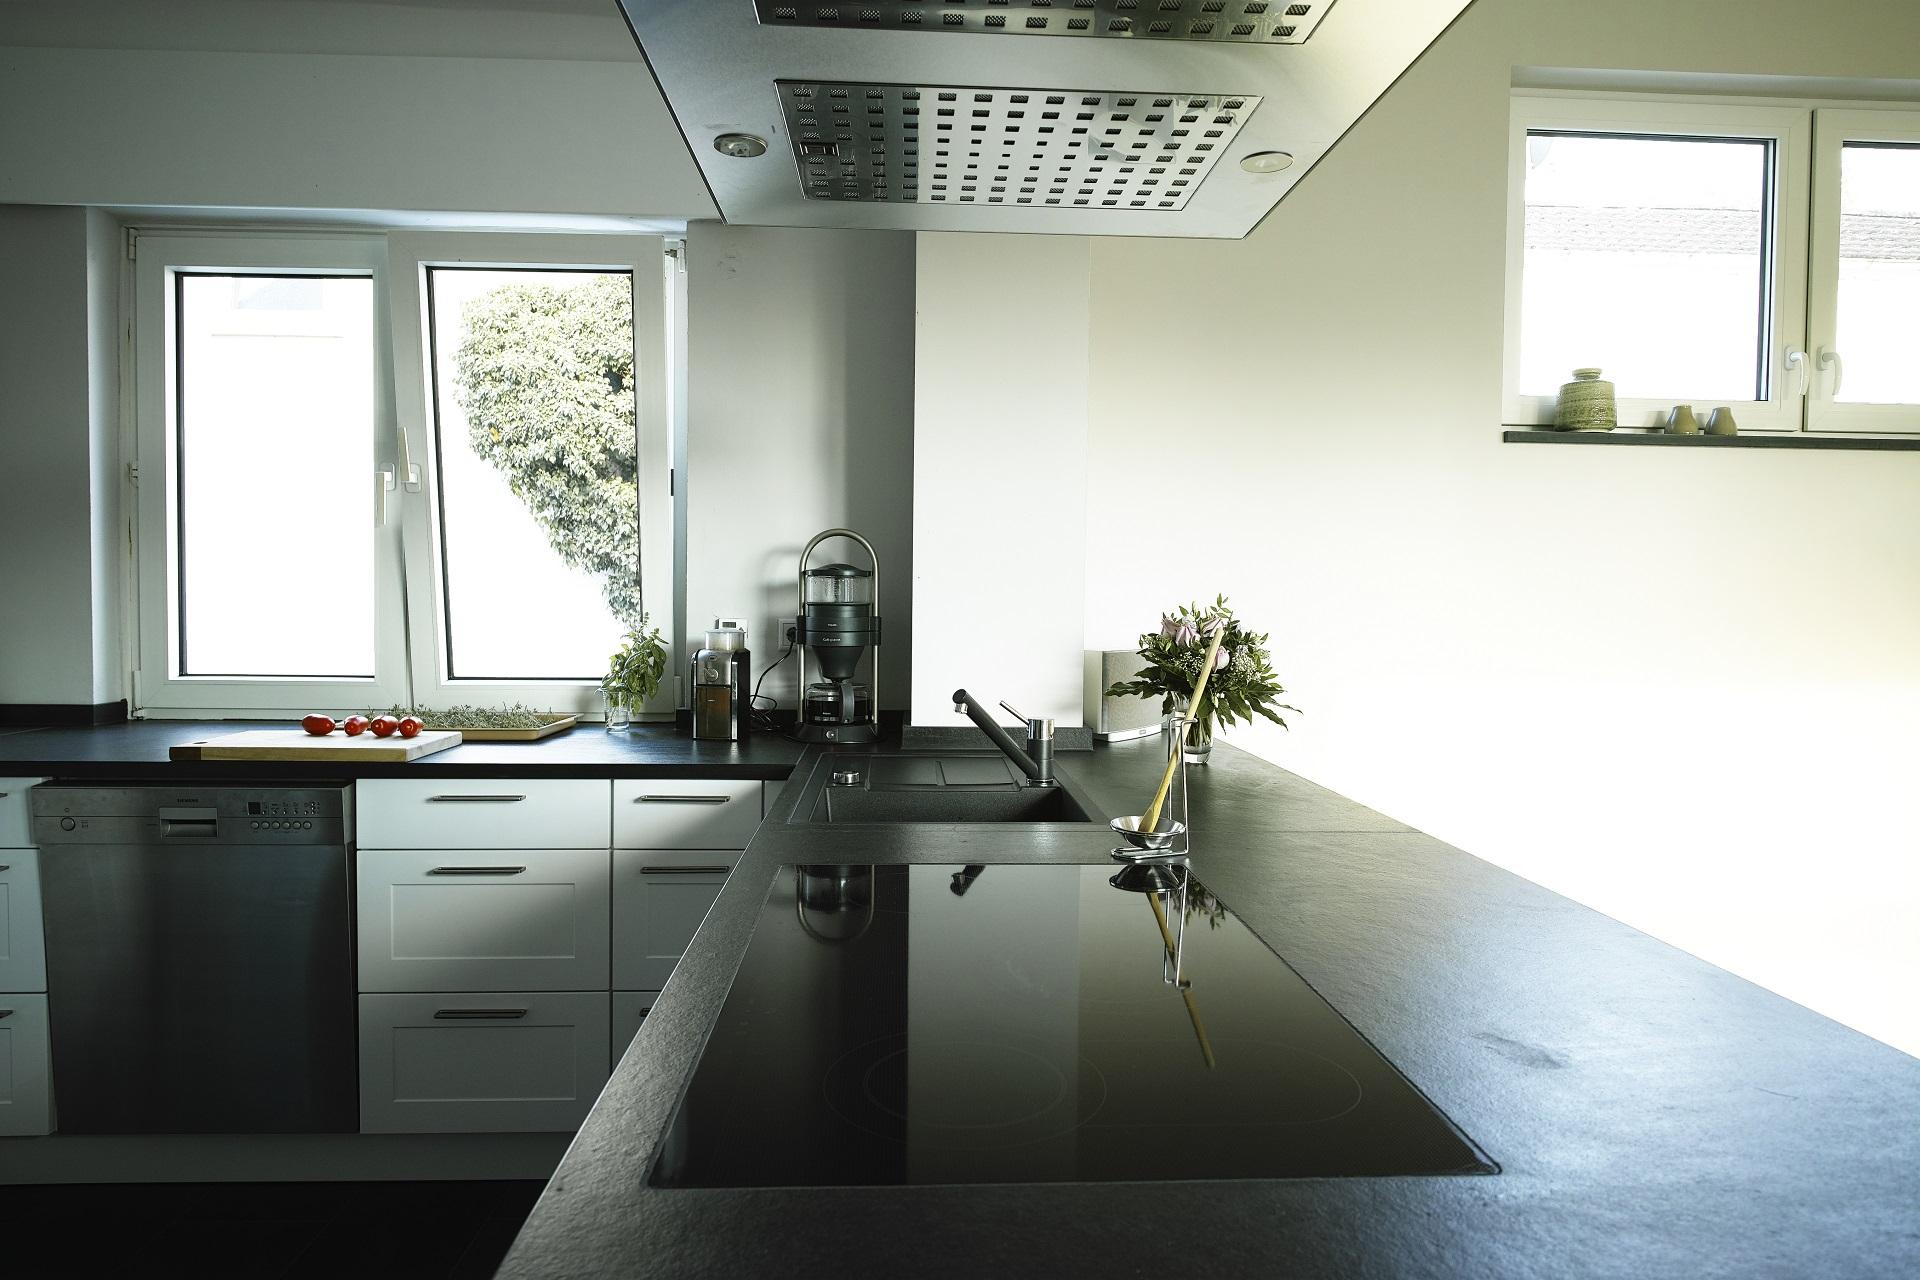 SCHIEFER  Küchenarbeitsplatte aus Schiefer  Schiefer-Arbeitsplatte